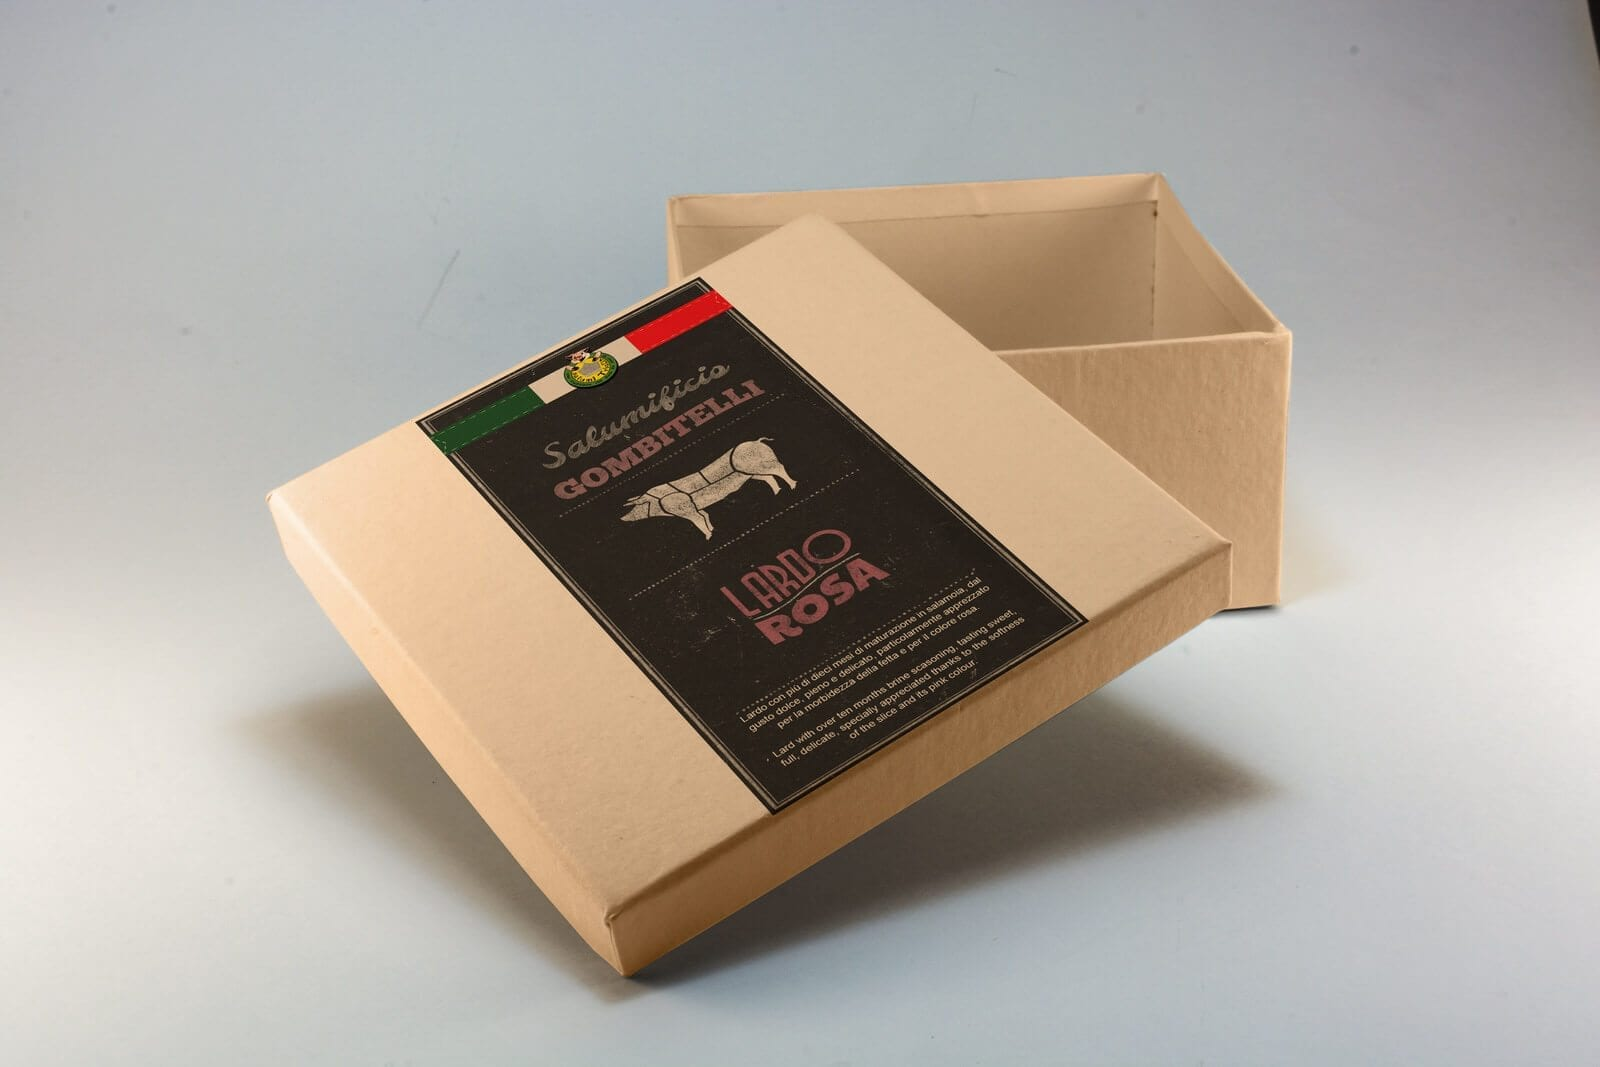 Top Regali Aziendali - Salumificio Artigianale Gombitelli MG86